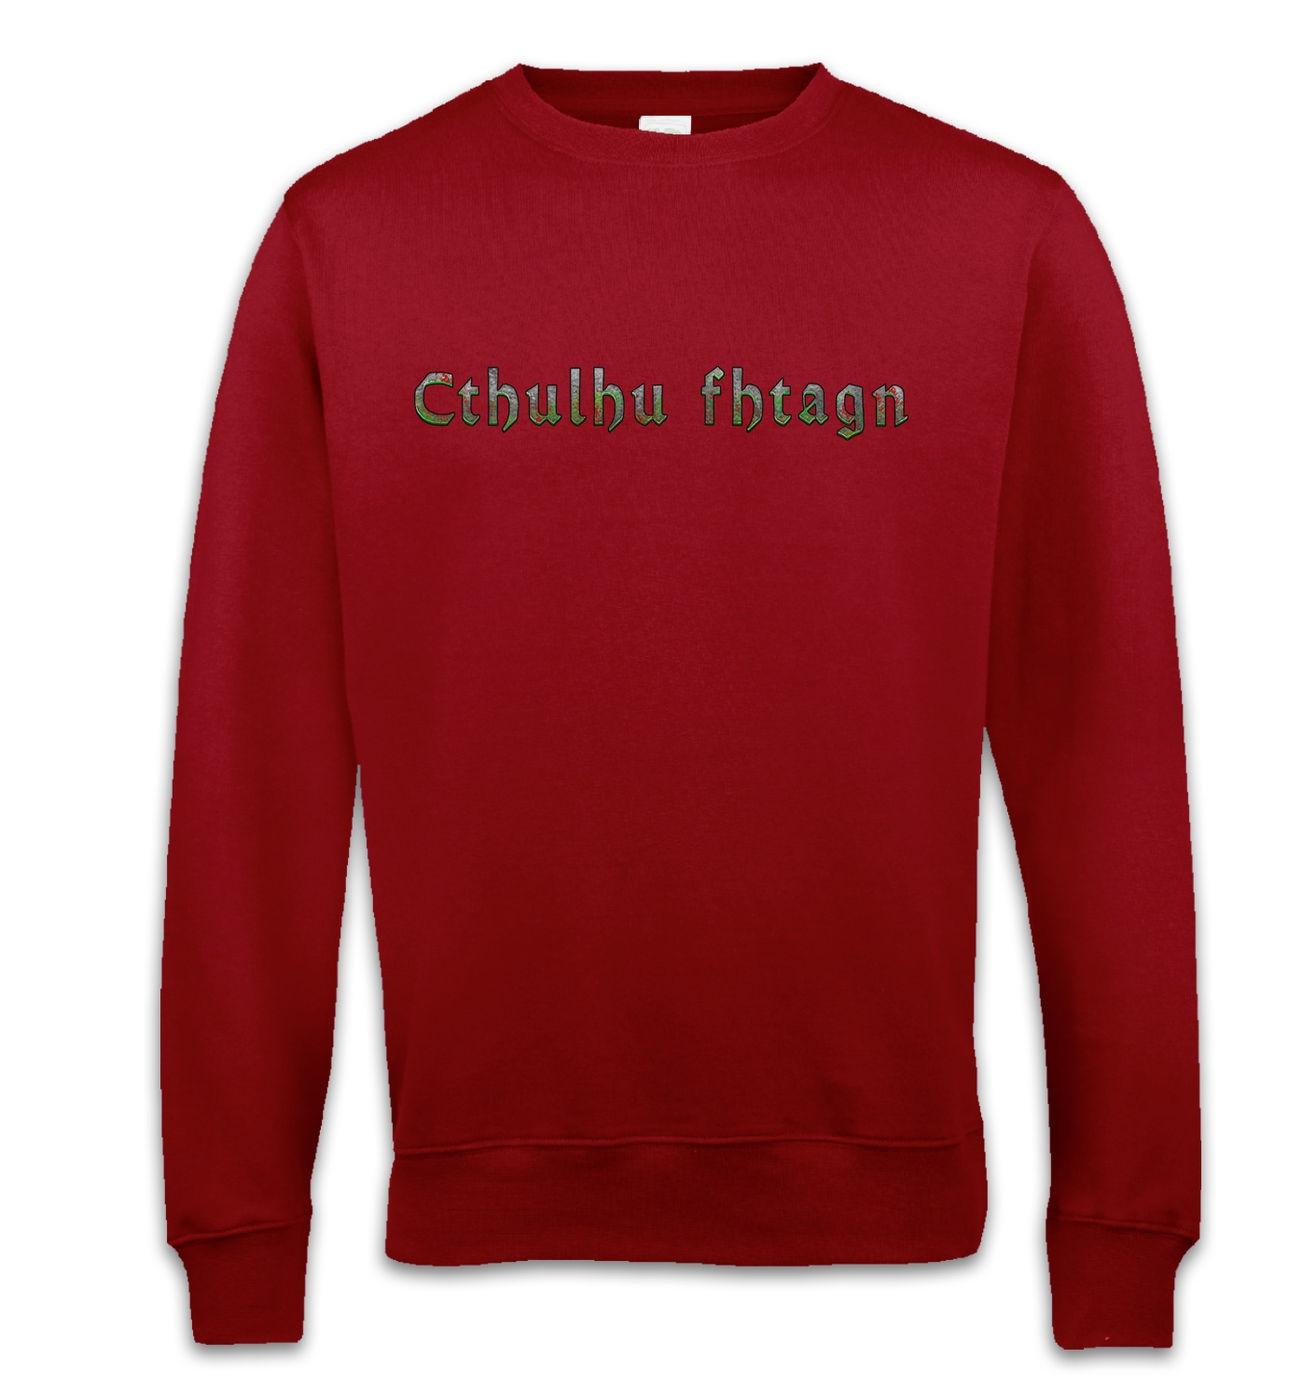 Cthulhu Fhtagn sweatshirt - stylish Lovecraft Cthulhu sweater